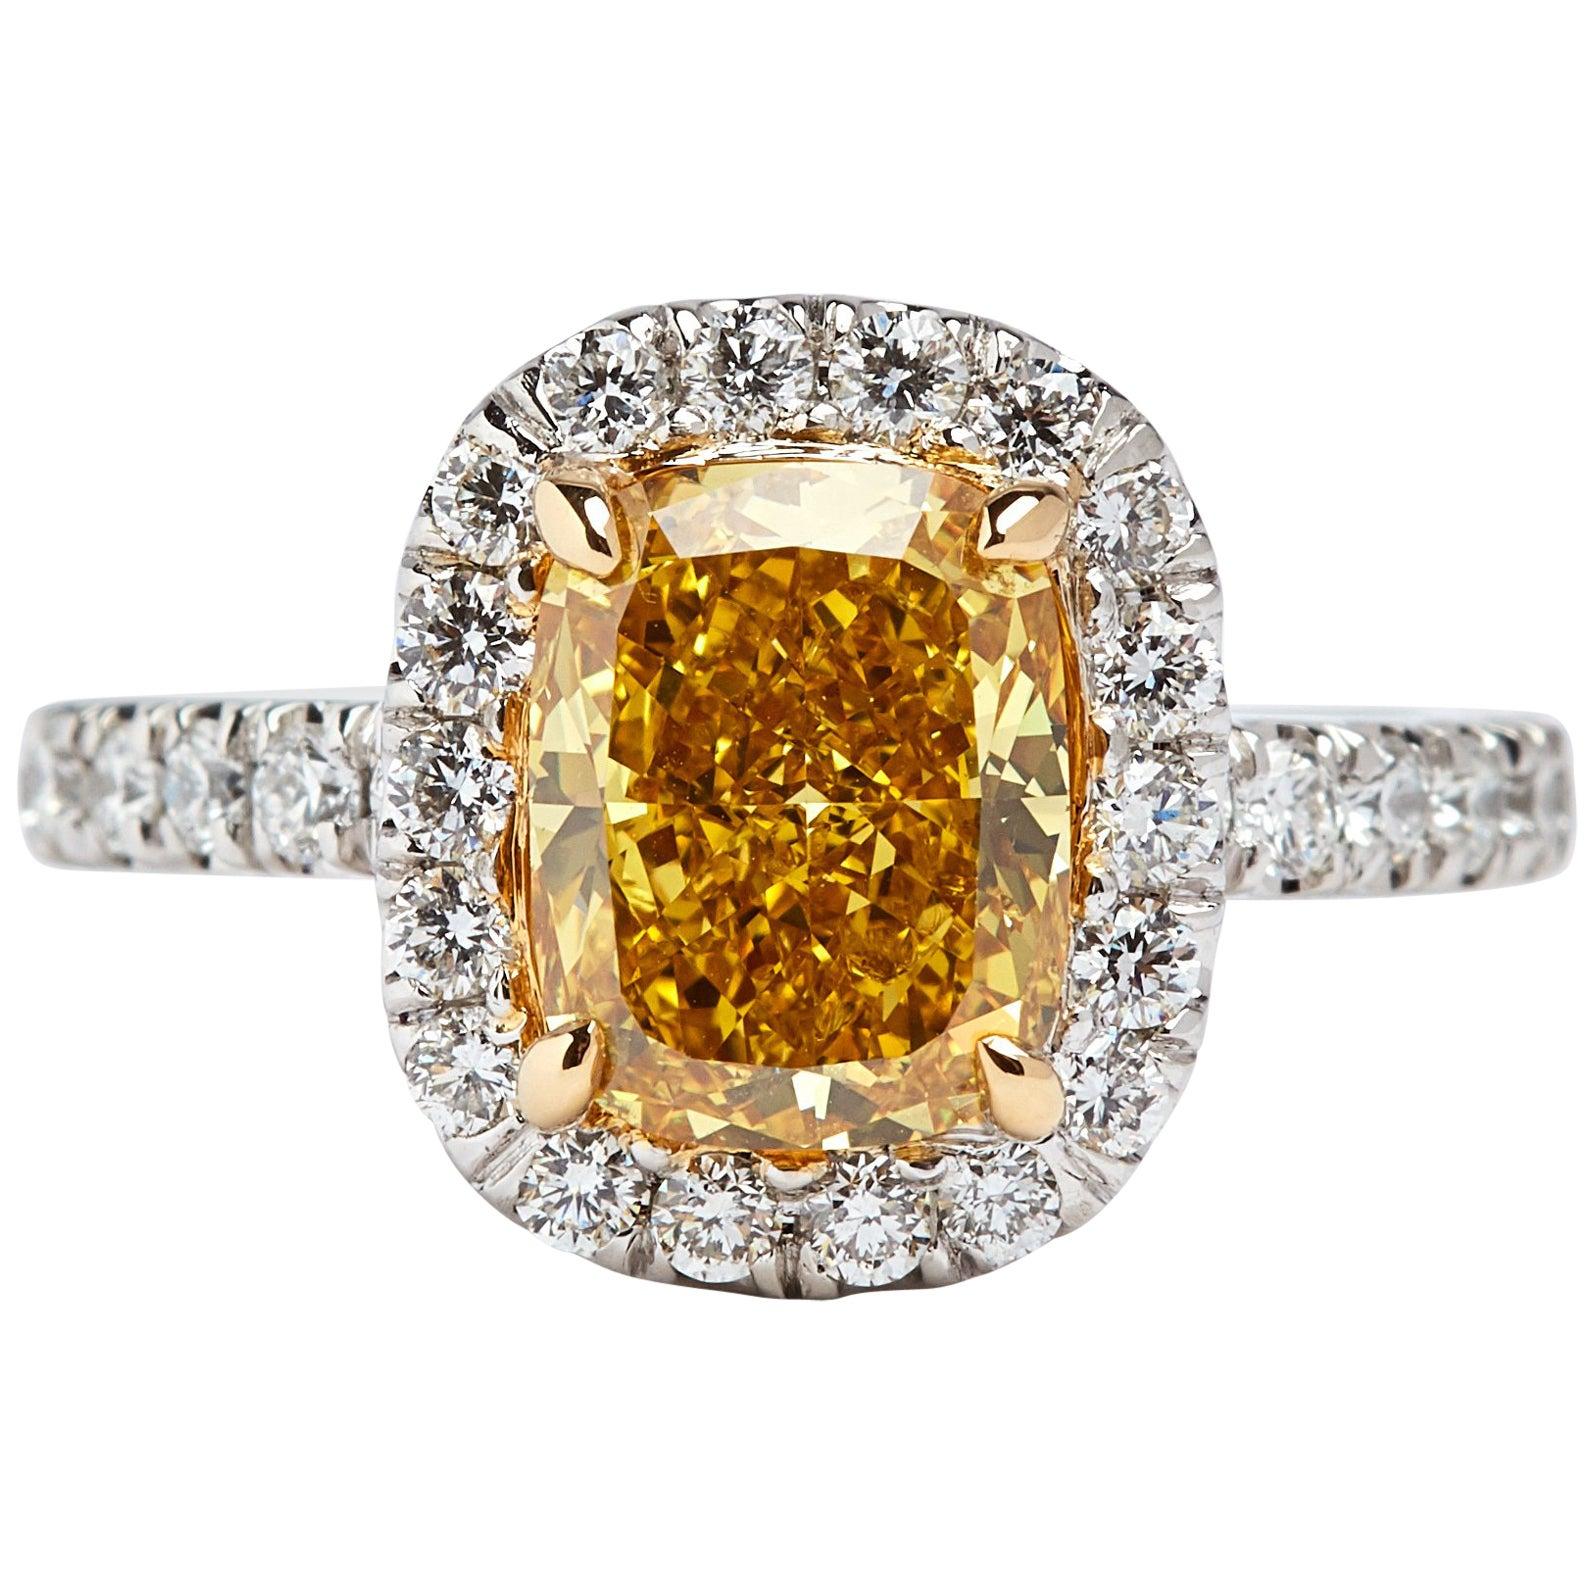 GIA Certified 2.34 Carat Fancy Vivid Yellow Cushion Cut Diamond Ring